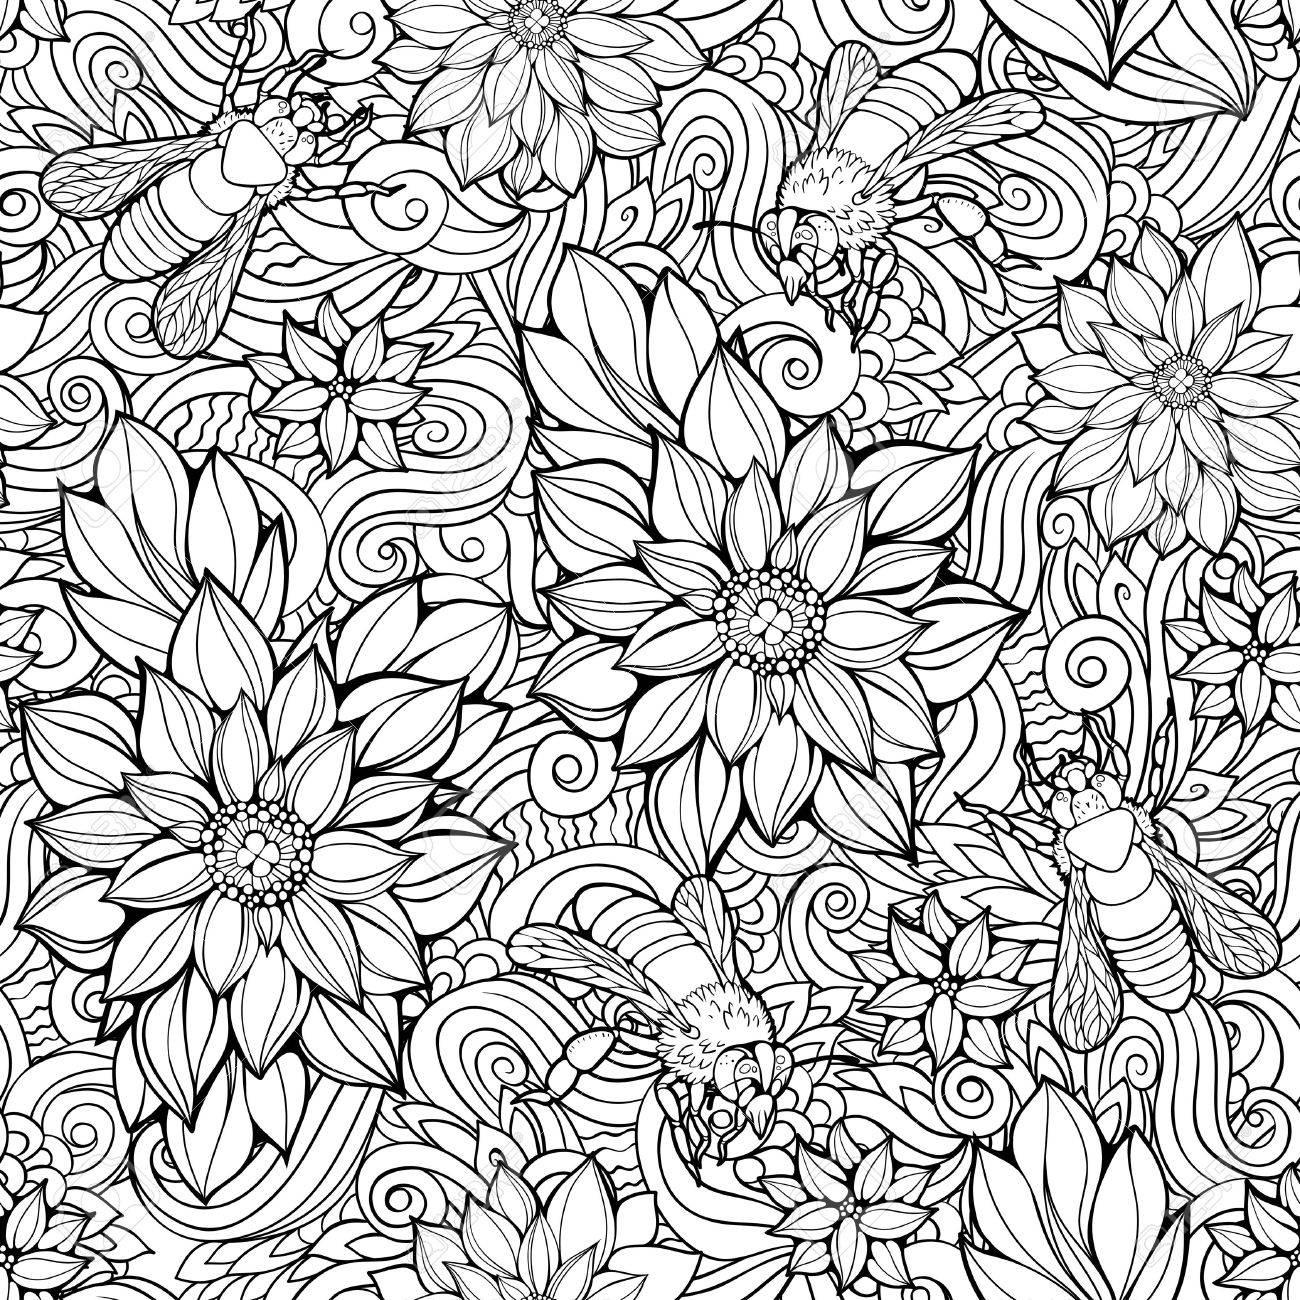 Dibujo Para Colorear Con El Modelo Inconsútil De Las Flores Y Las Abejas